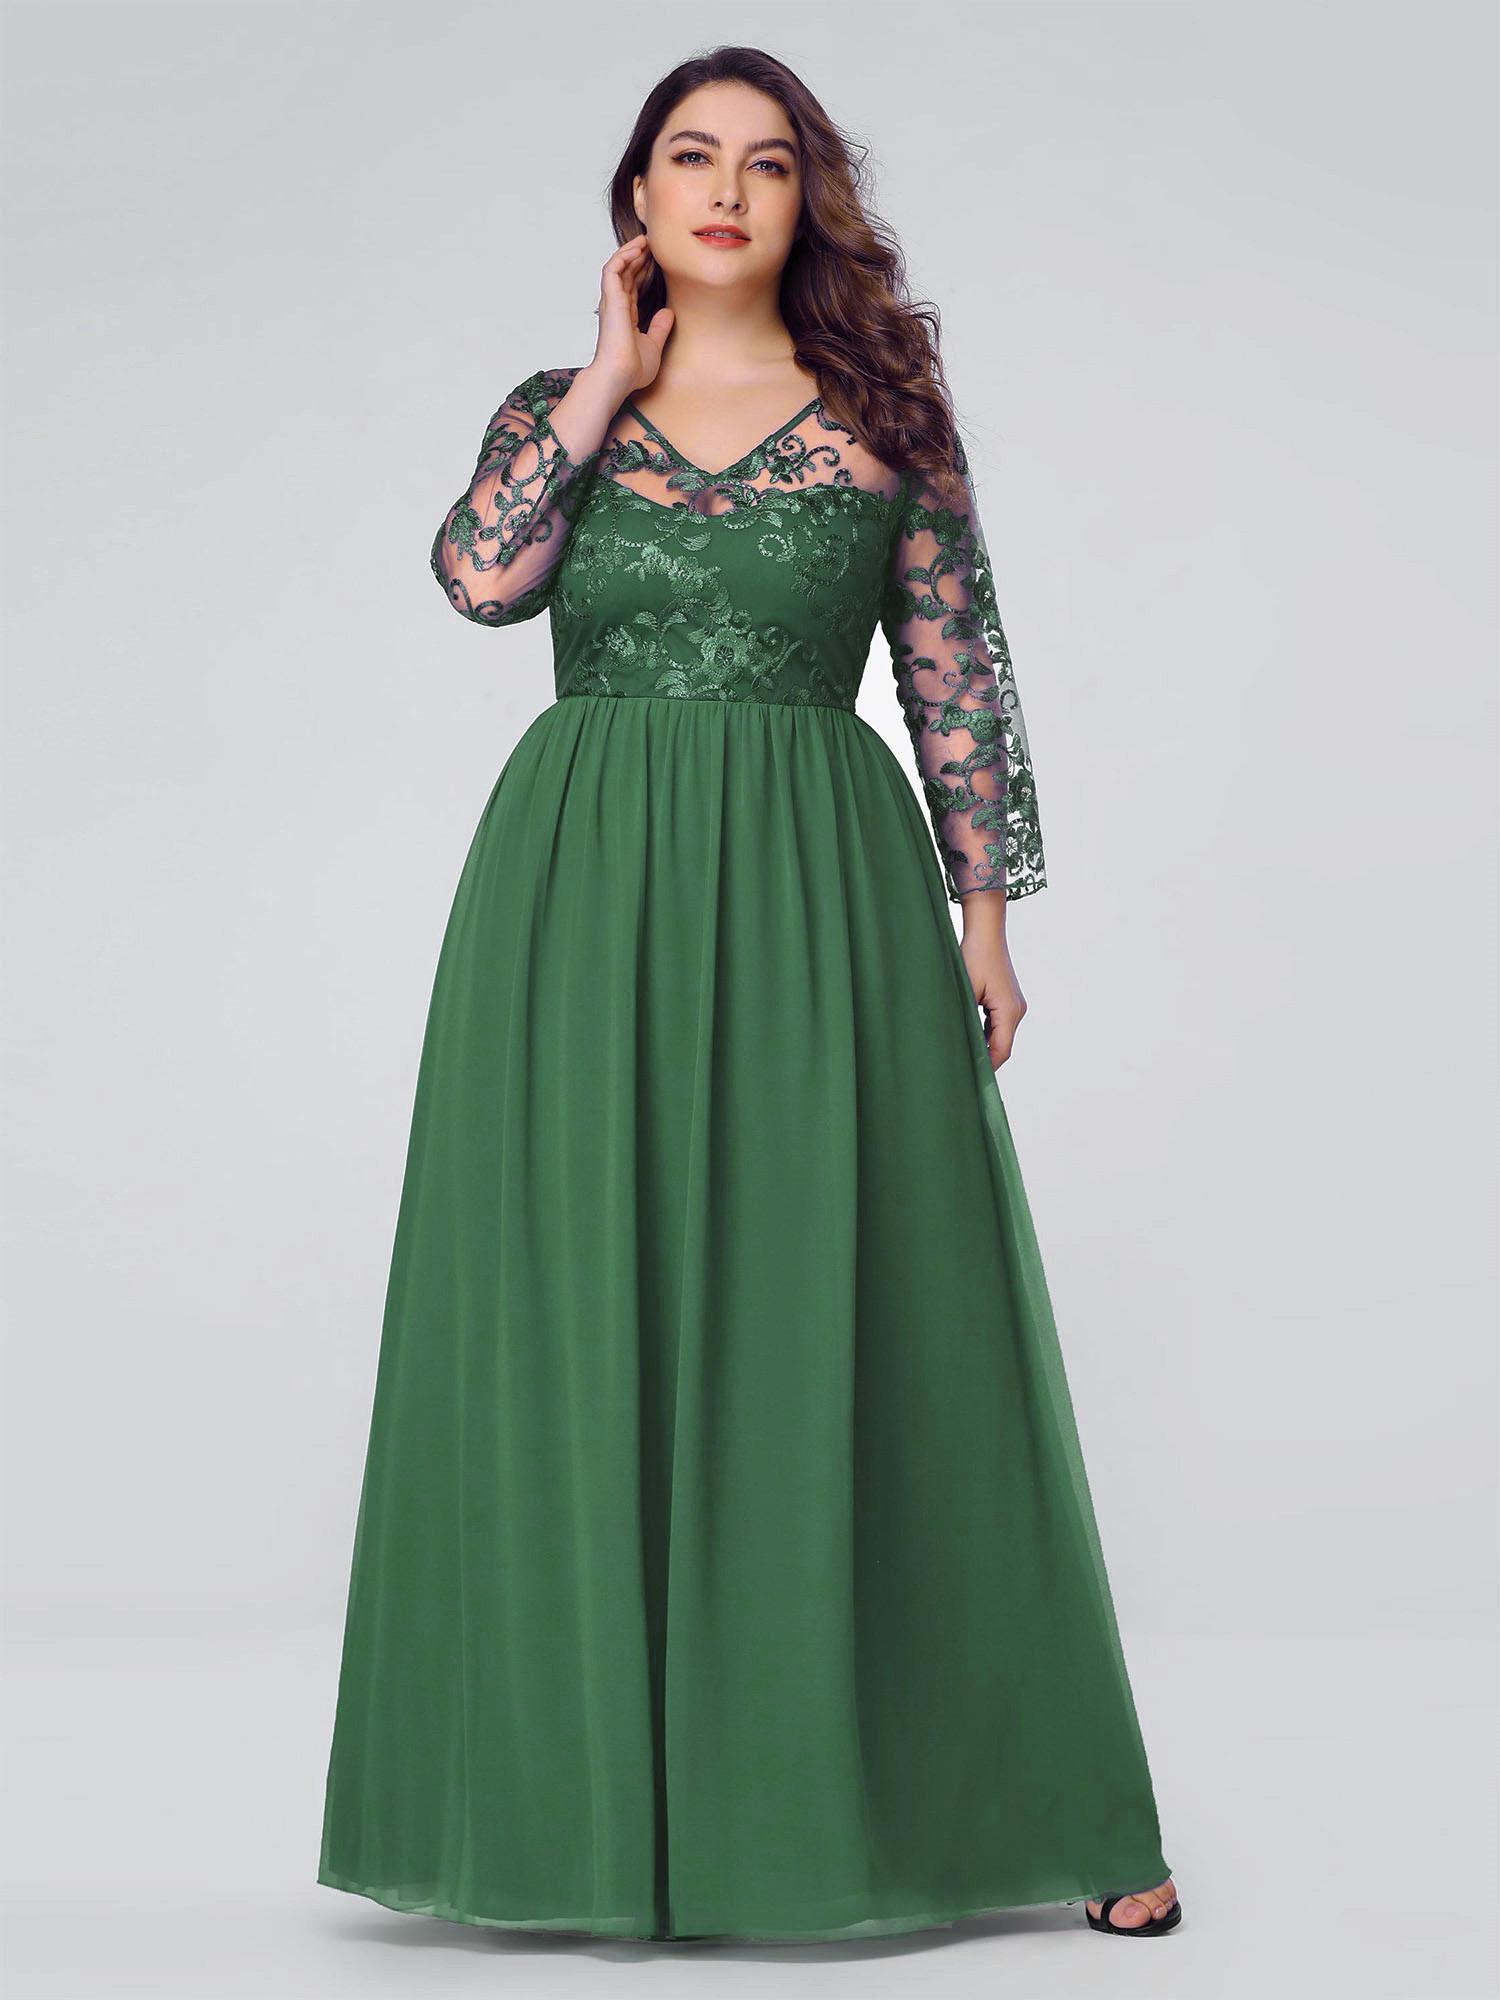 Genial Abend Kleid Mit Spitze VertriebAbend Einfach Abend Kleid Mit Spitze Design